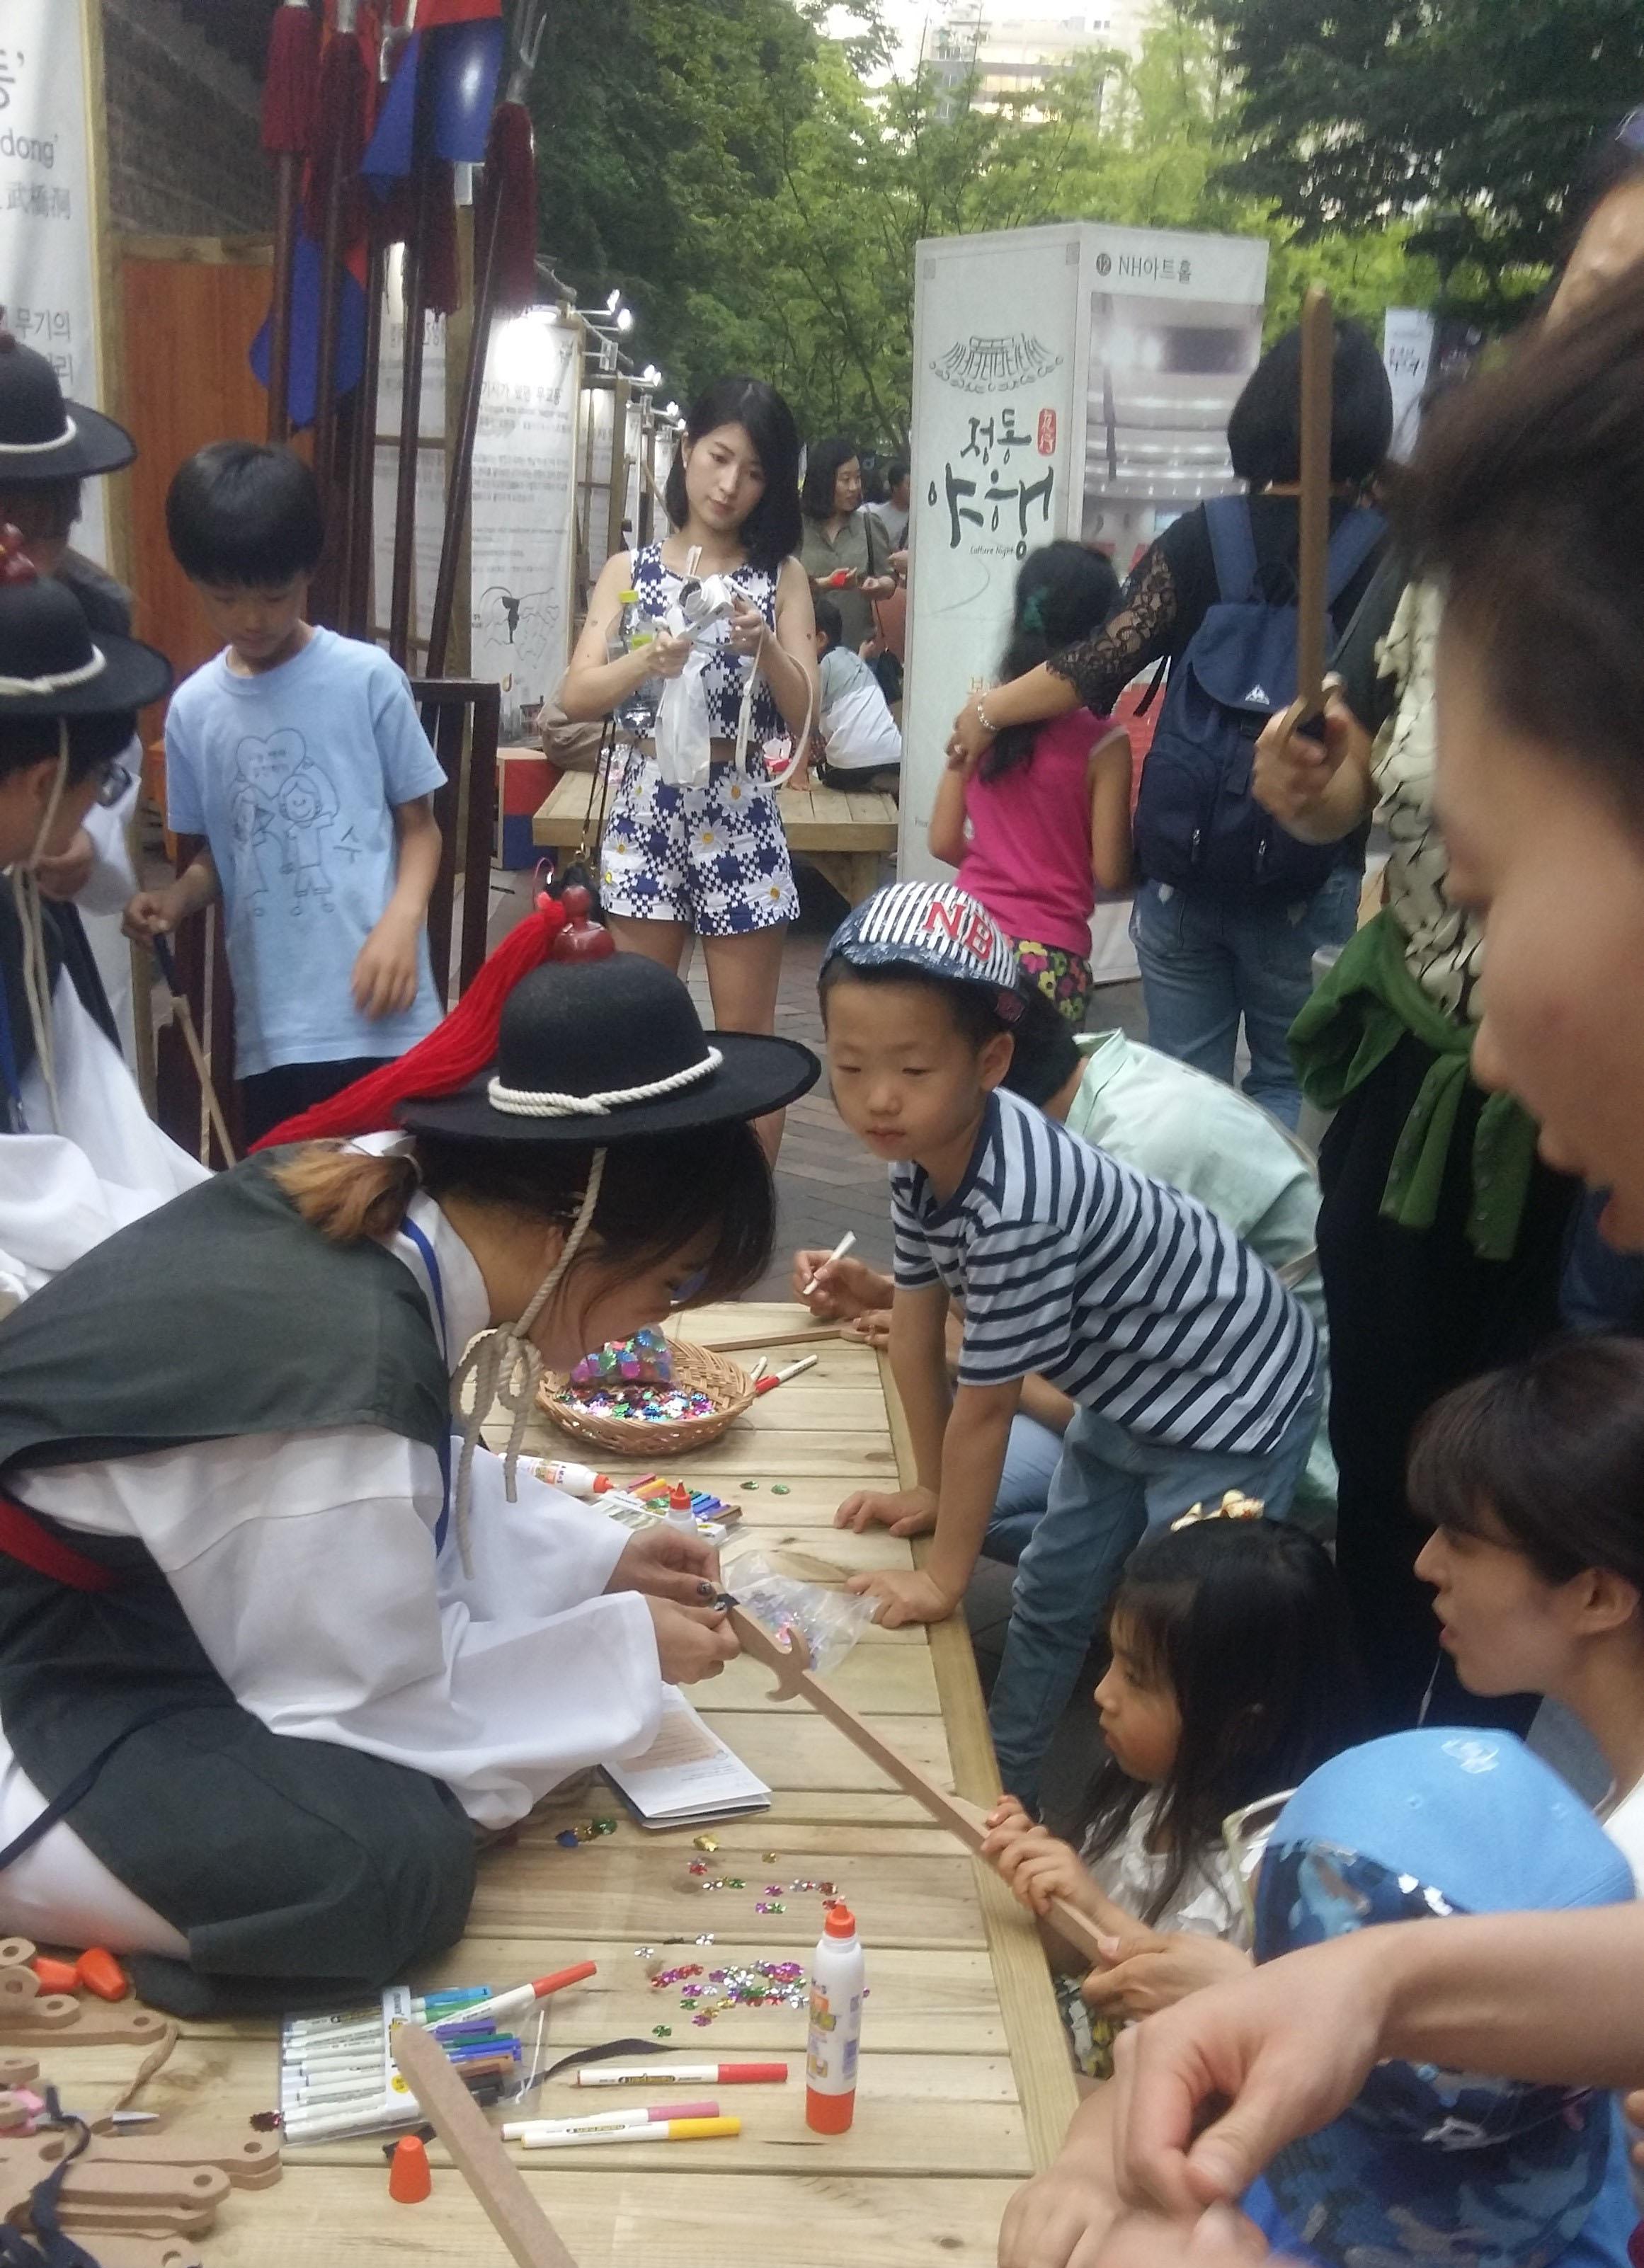 덕수궁 일대에서 열리고 있는 '정동야행' 축제에서 참가자들이 조선시대 전통무기 만들기 체험을 하고 있다.